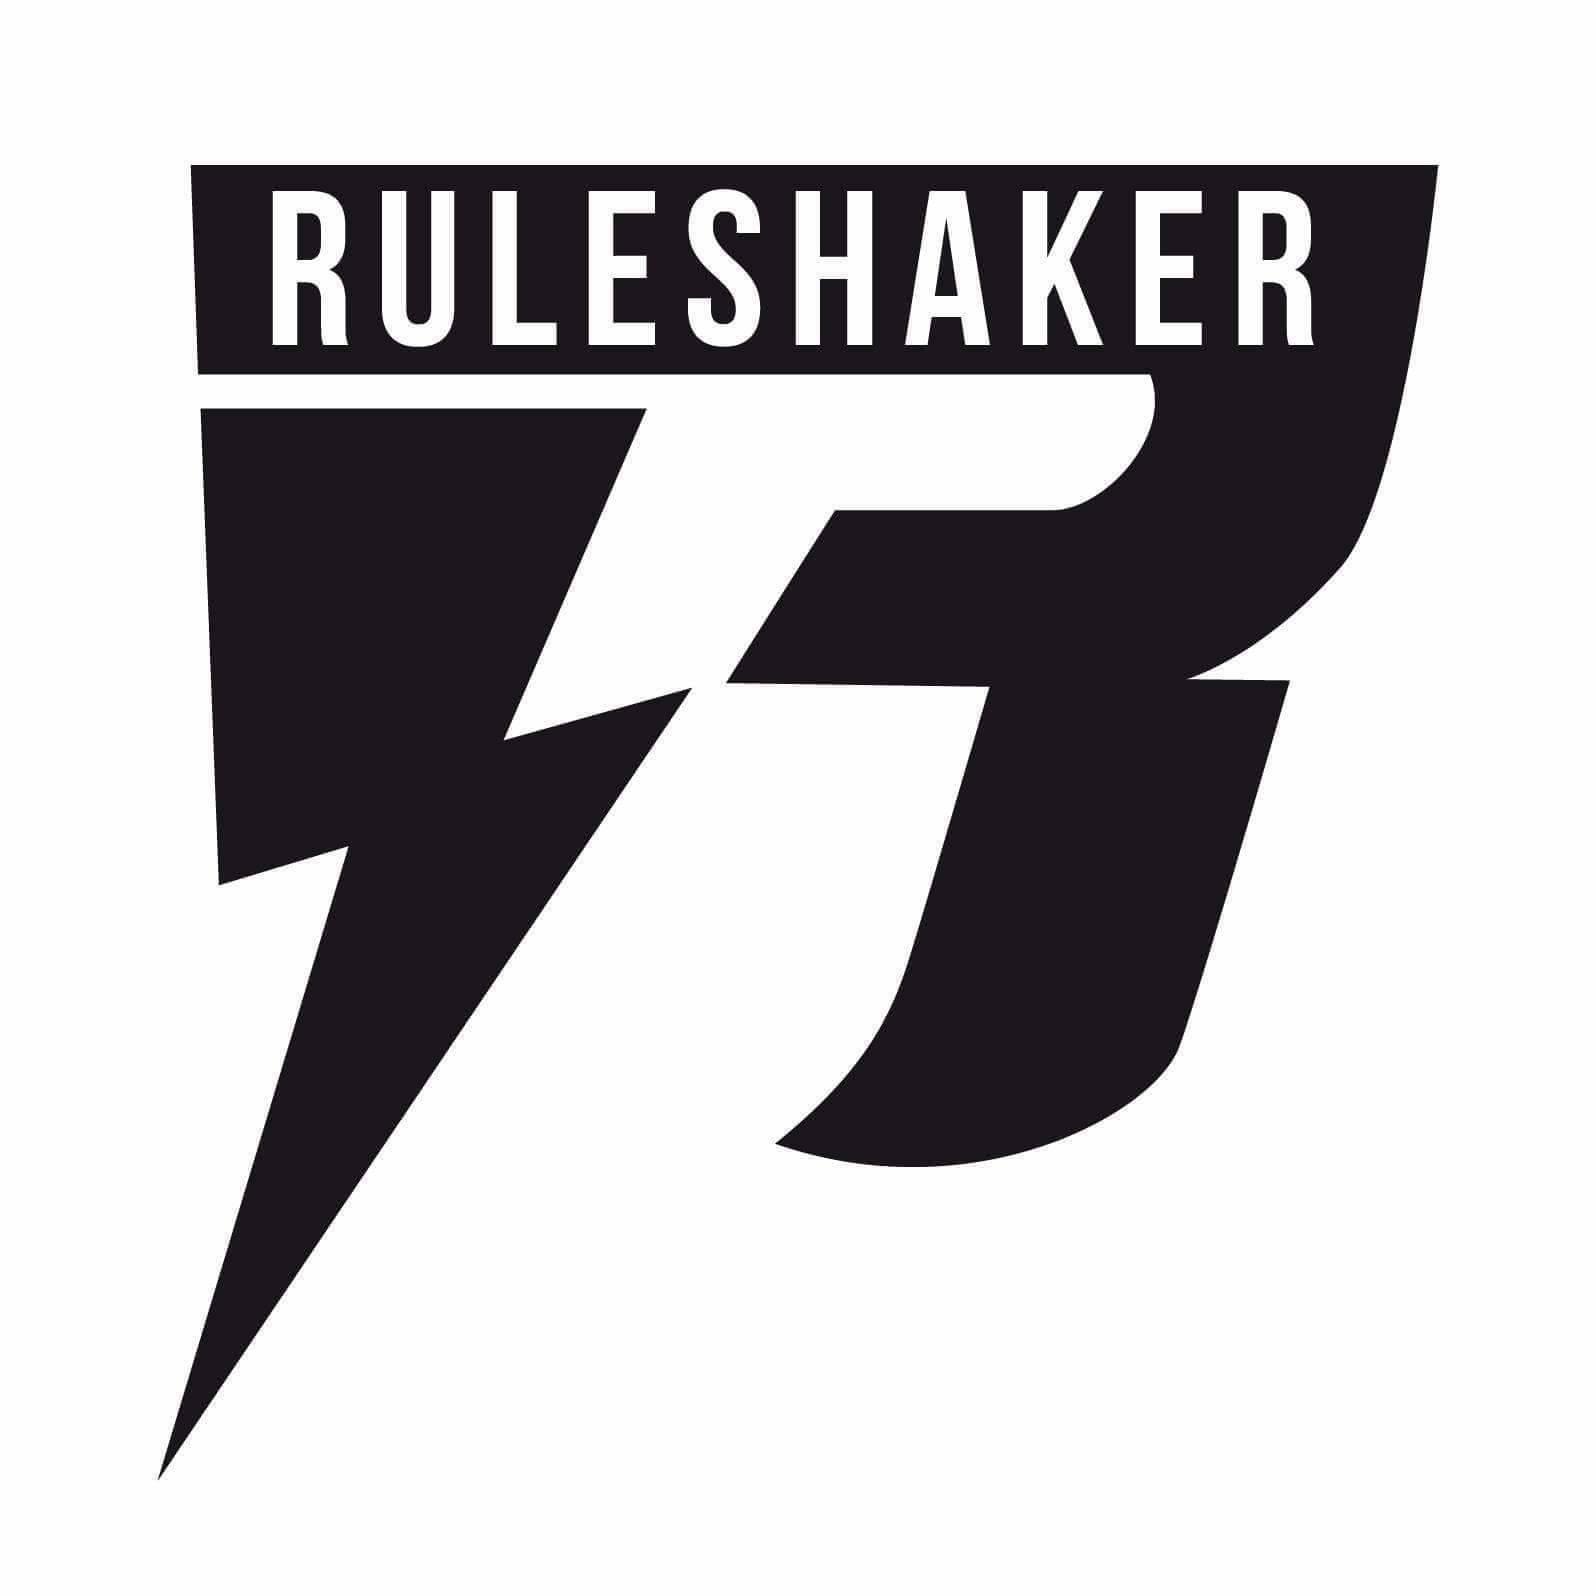 Ruleshaker